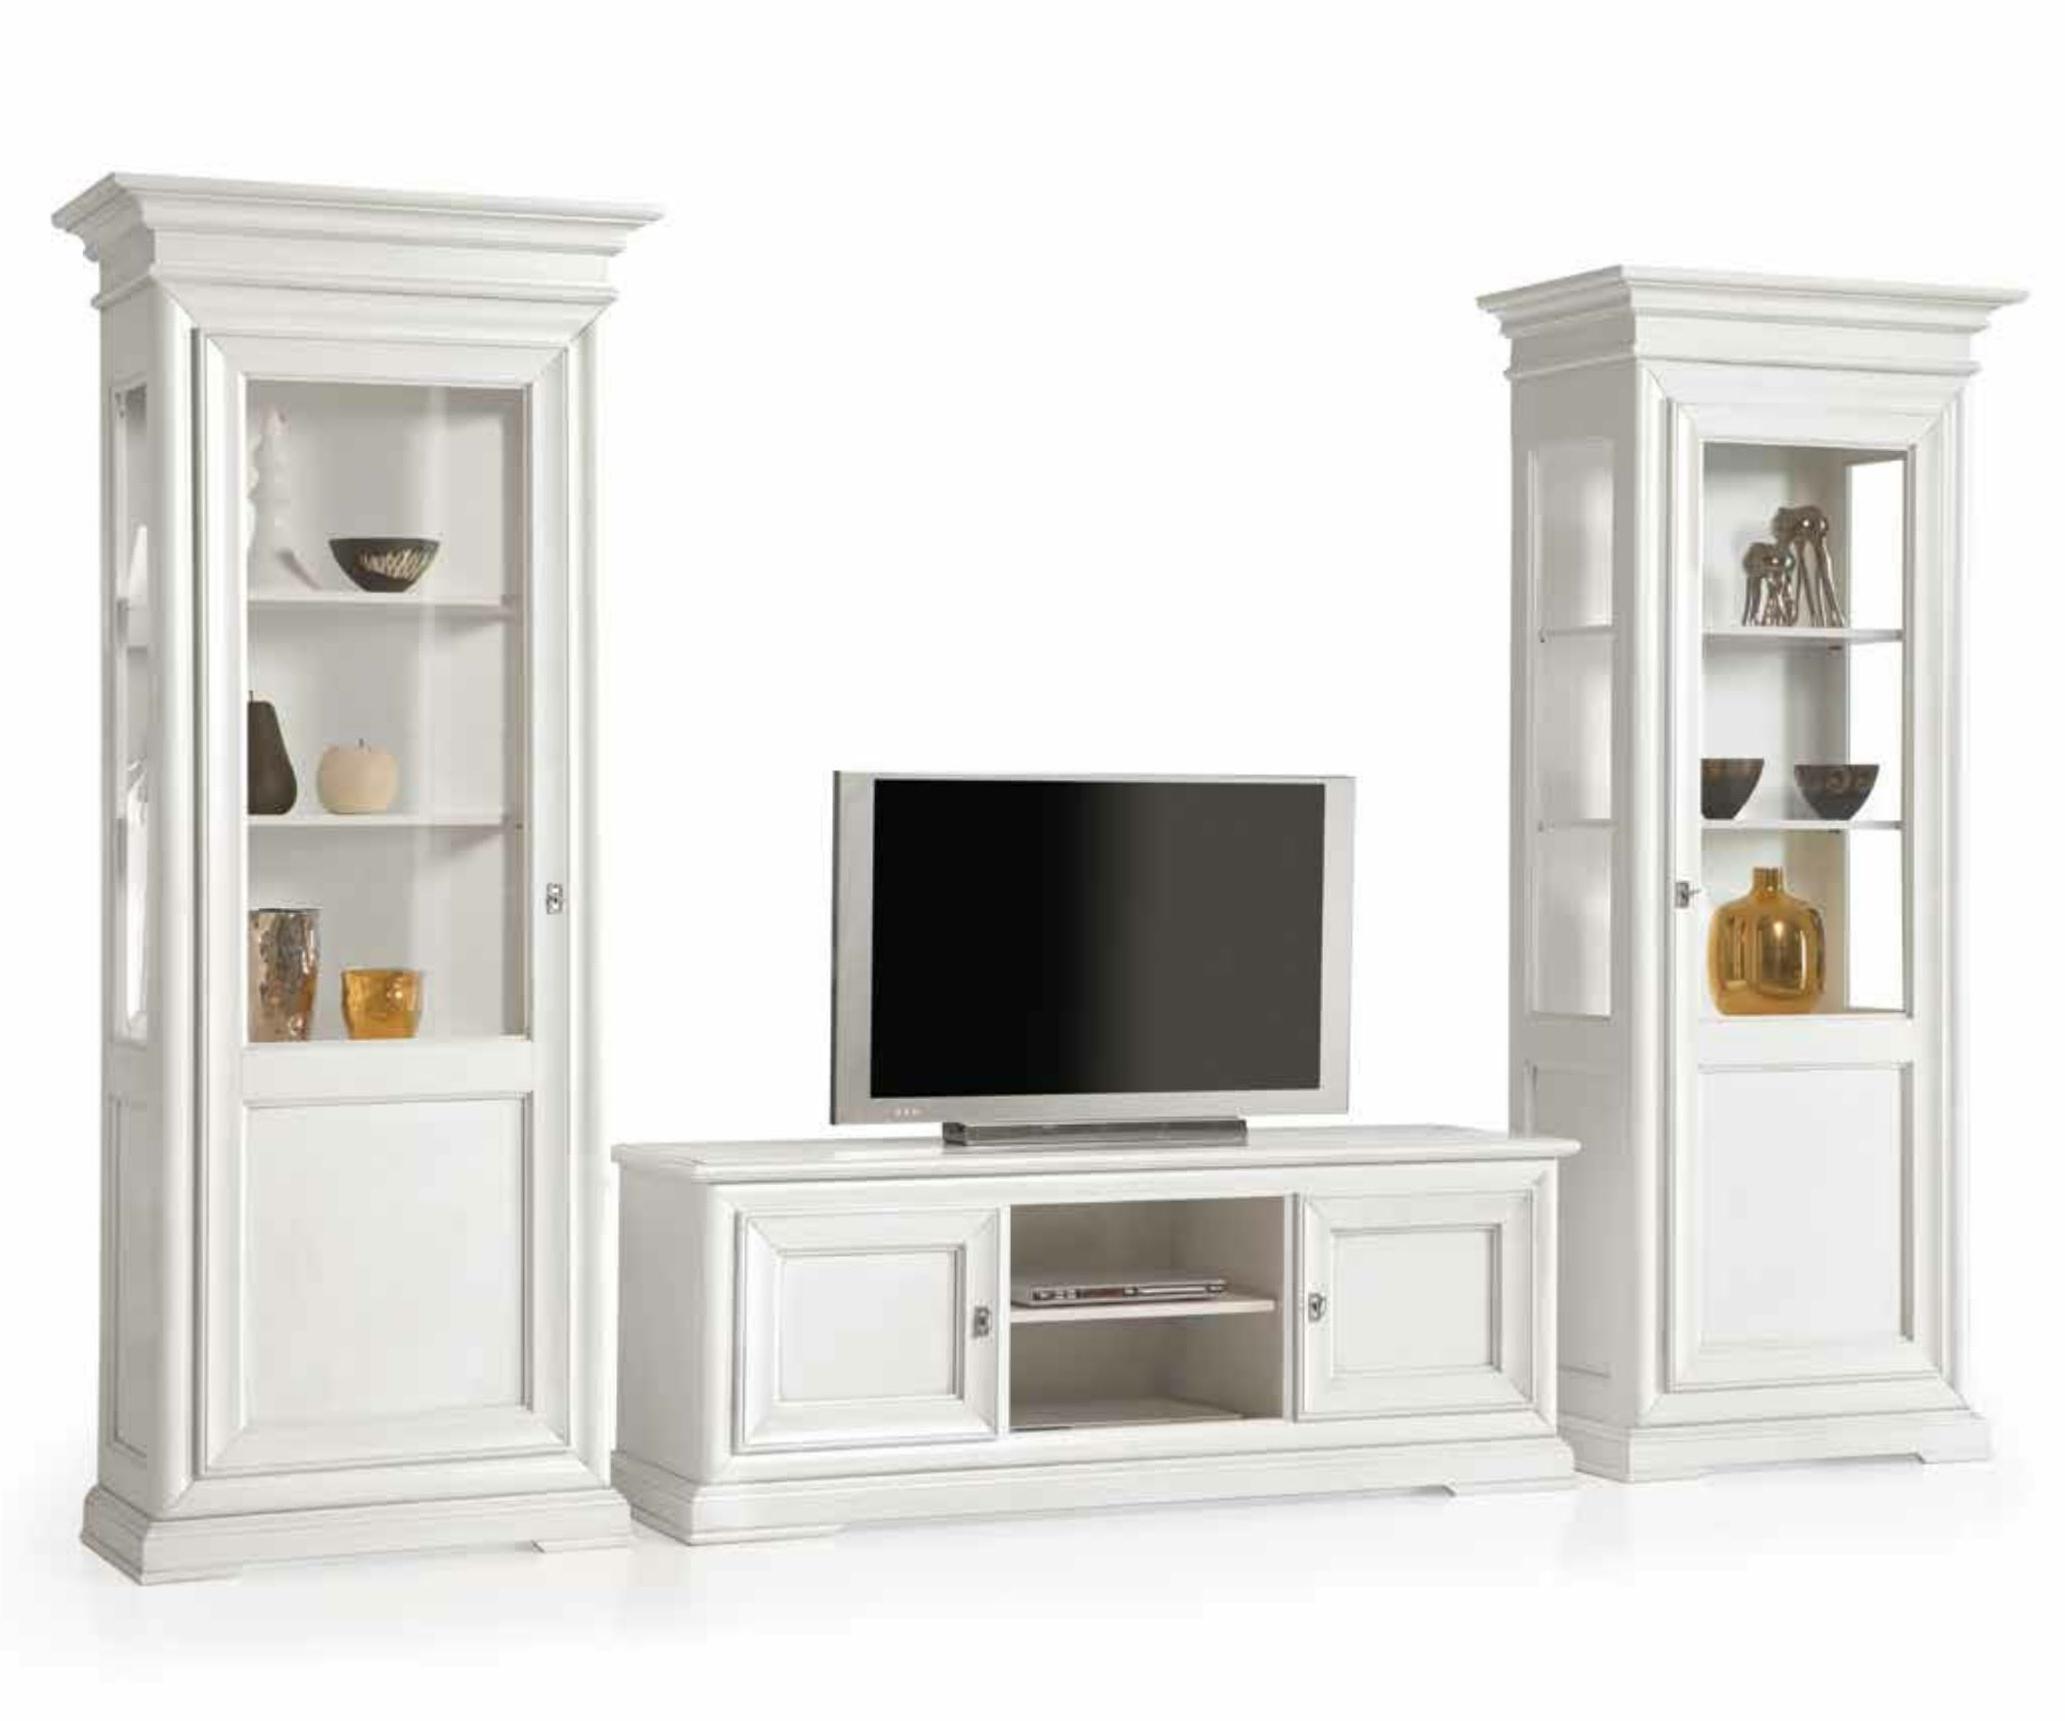 mobili per soggiorno in legno pattinati bianchi